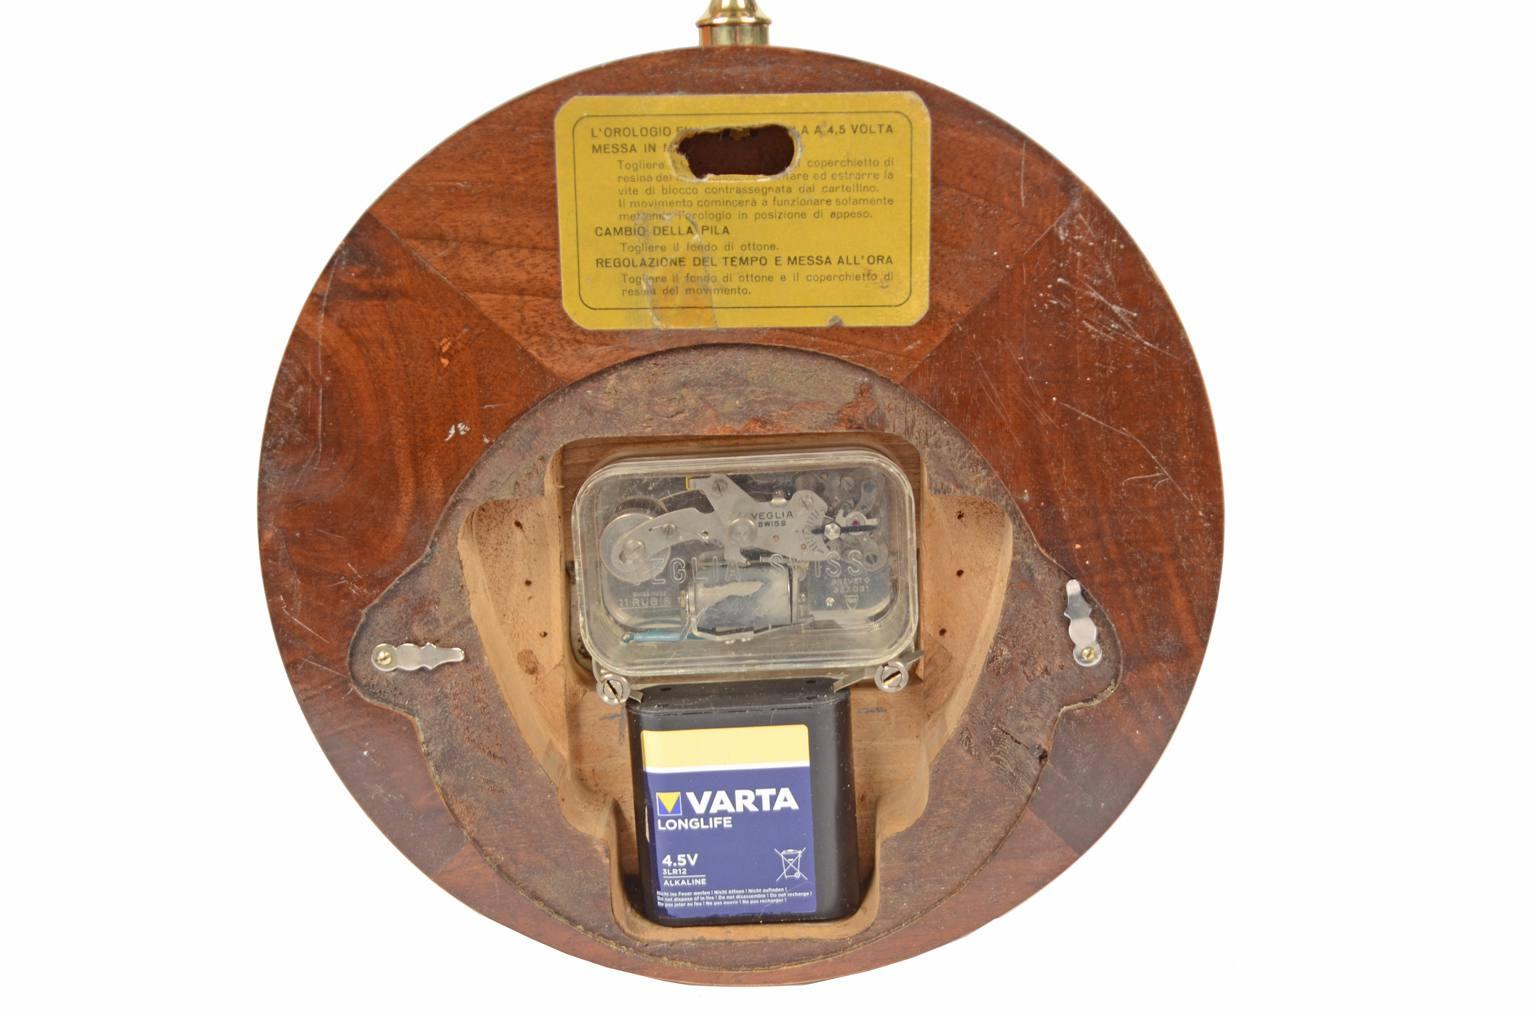 Strumenti di misura antichi/6184-Grande orologio